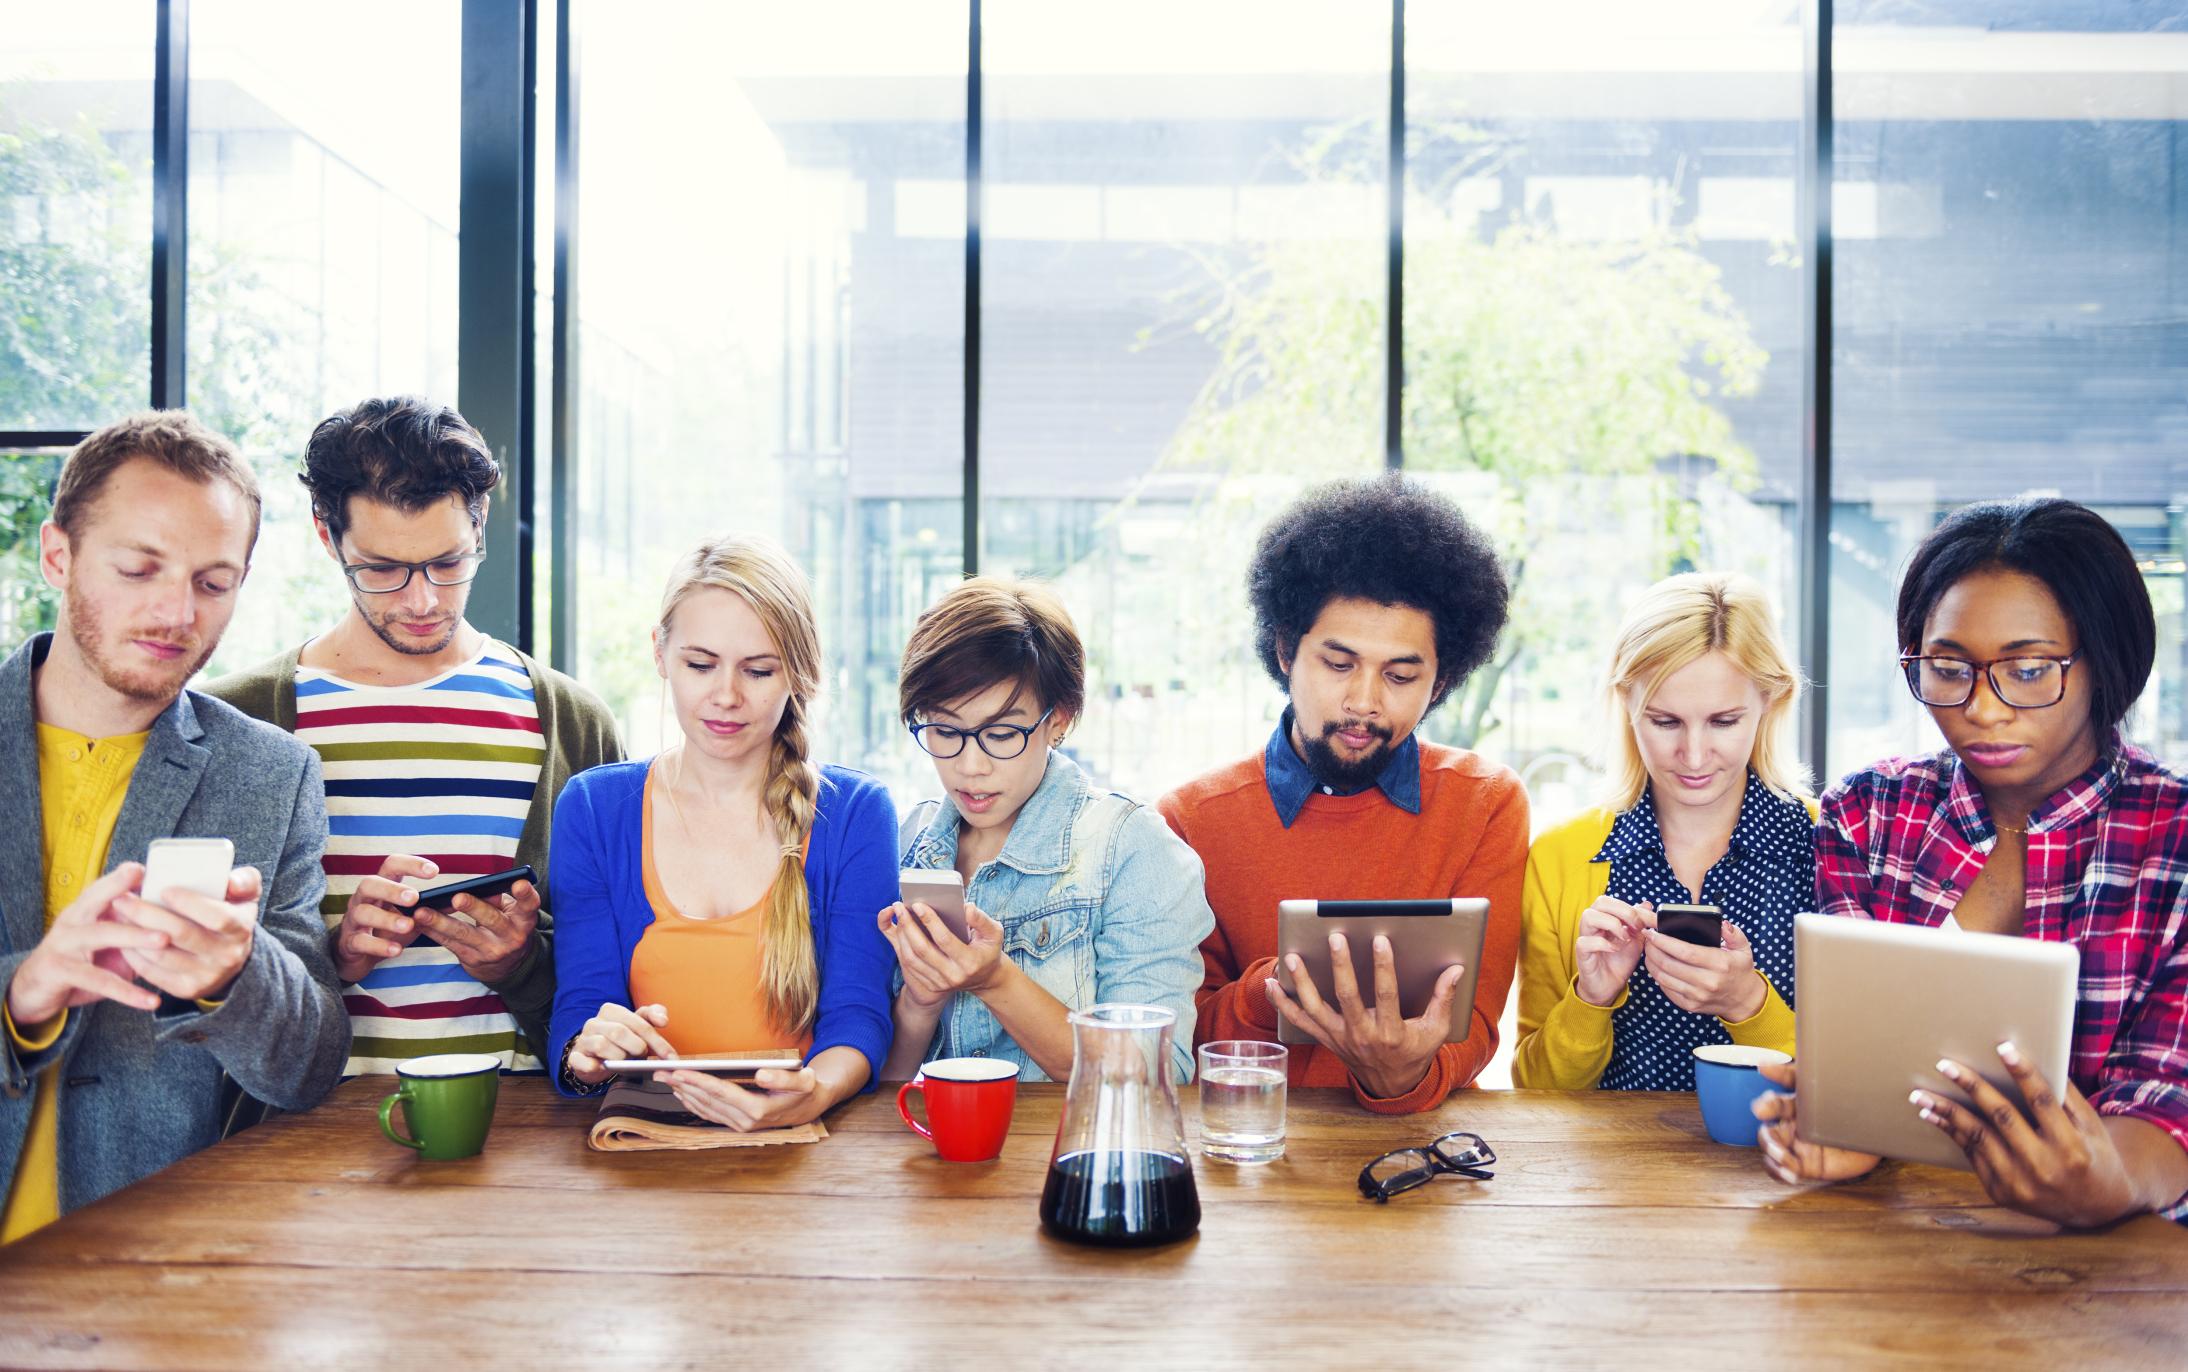 Millennials in the workspace